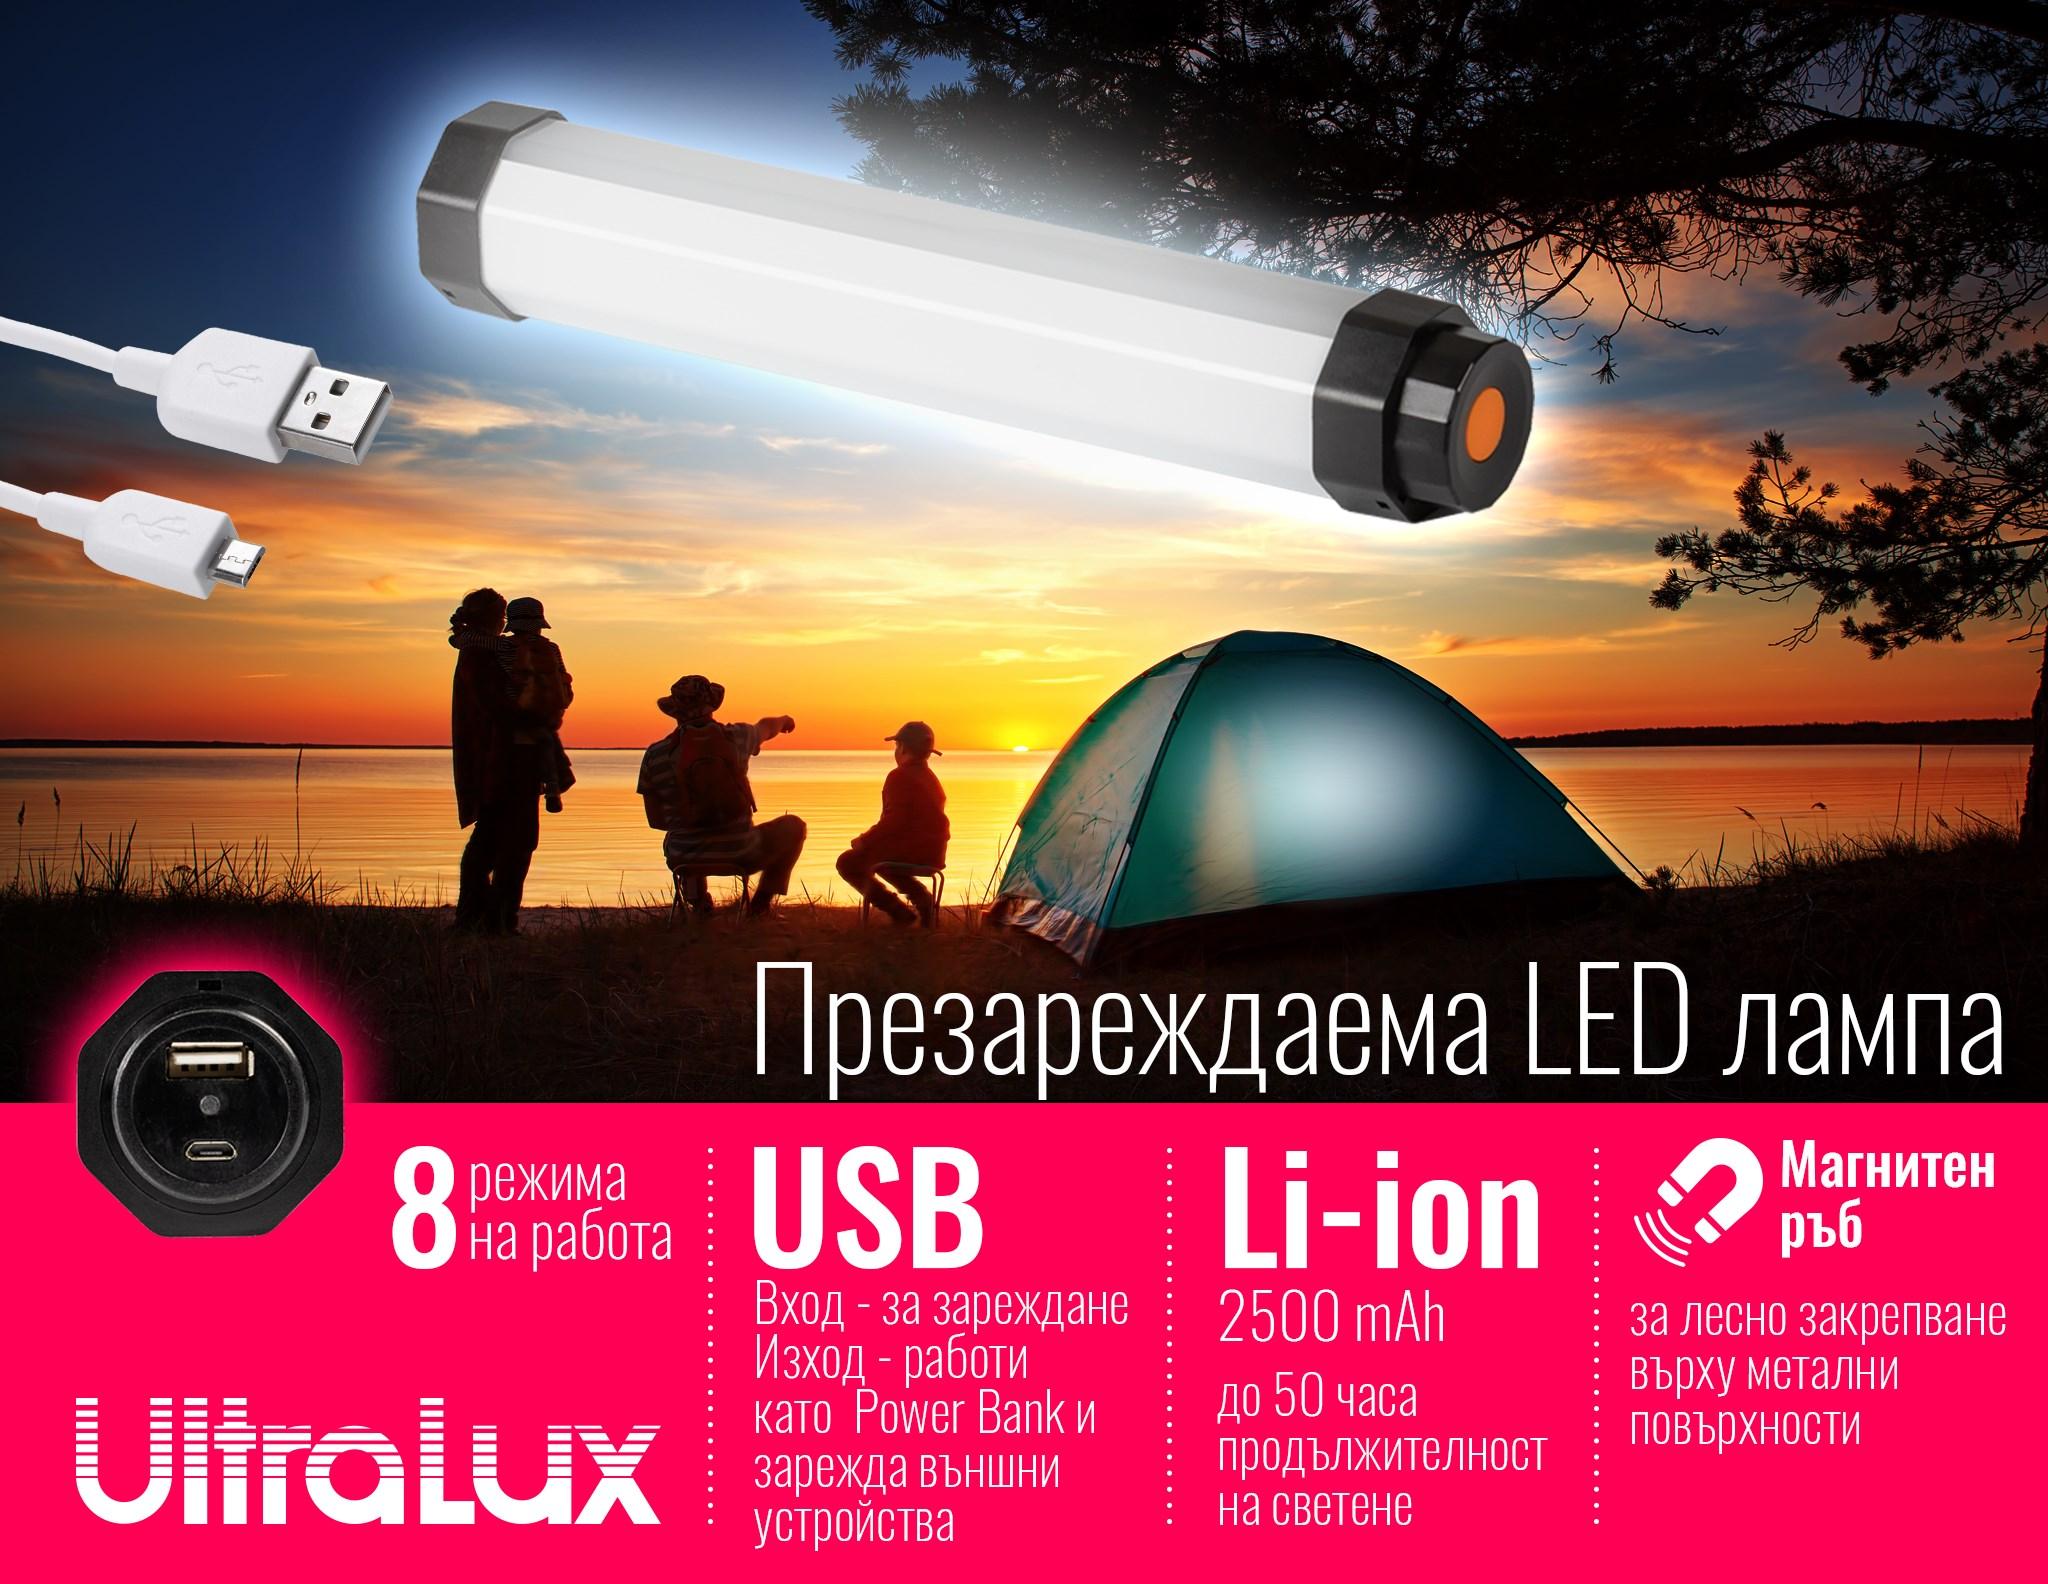 Презареждаема USB LED лампа